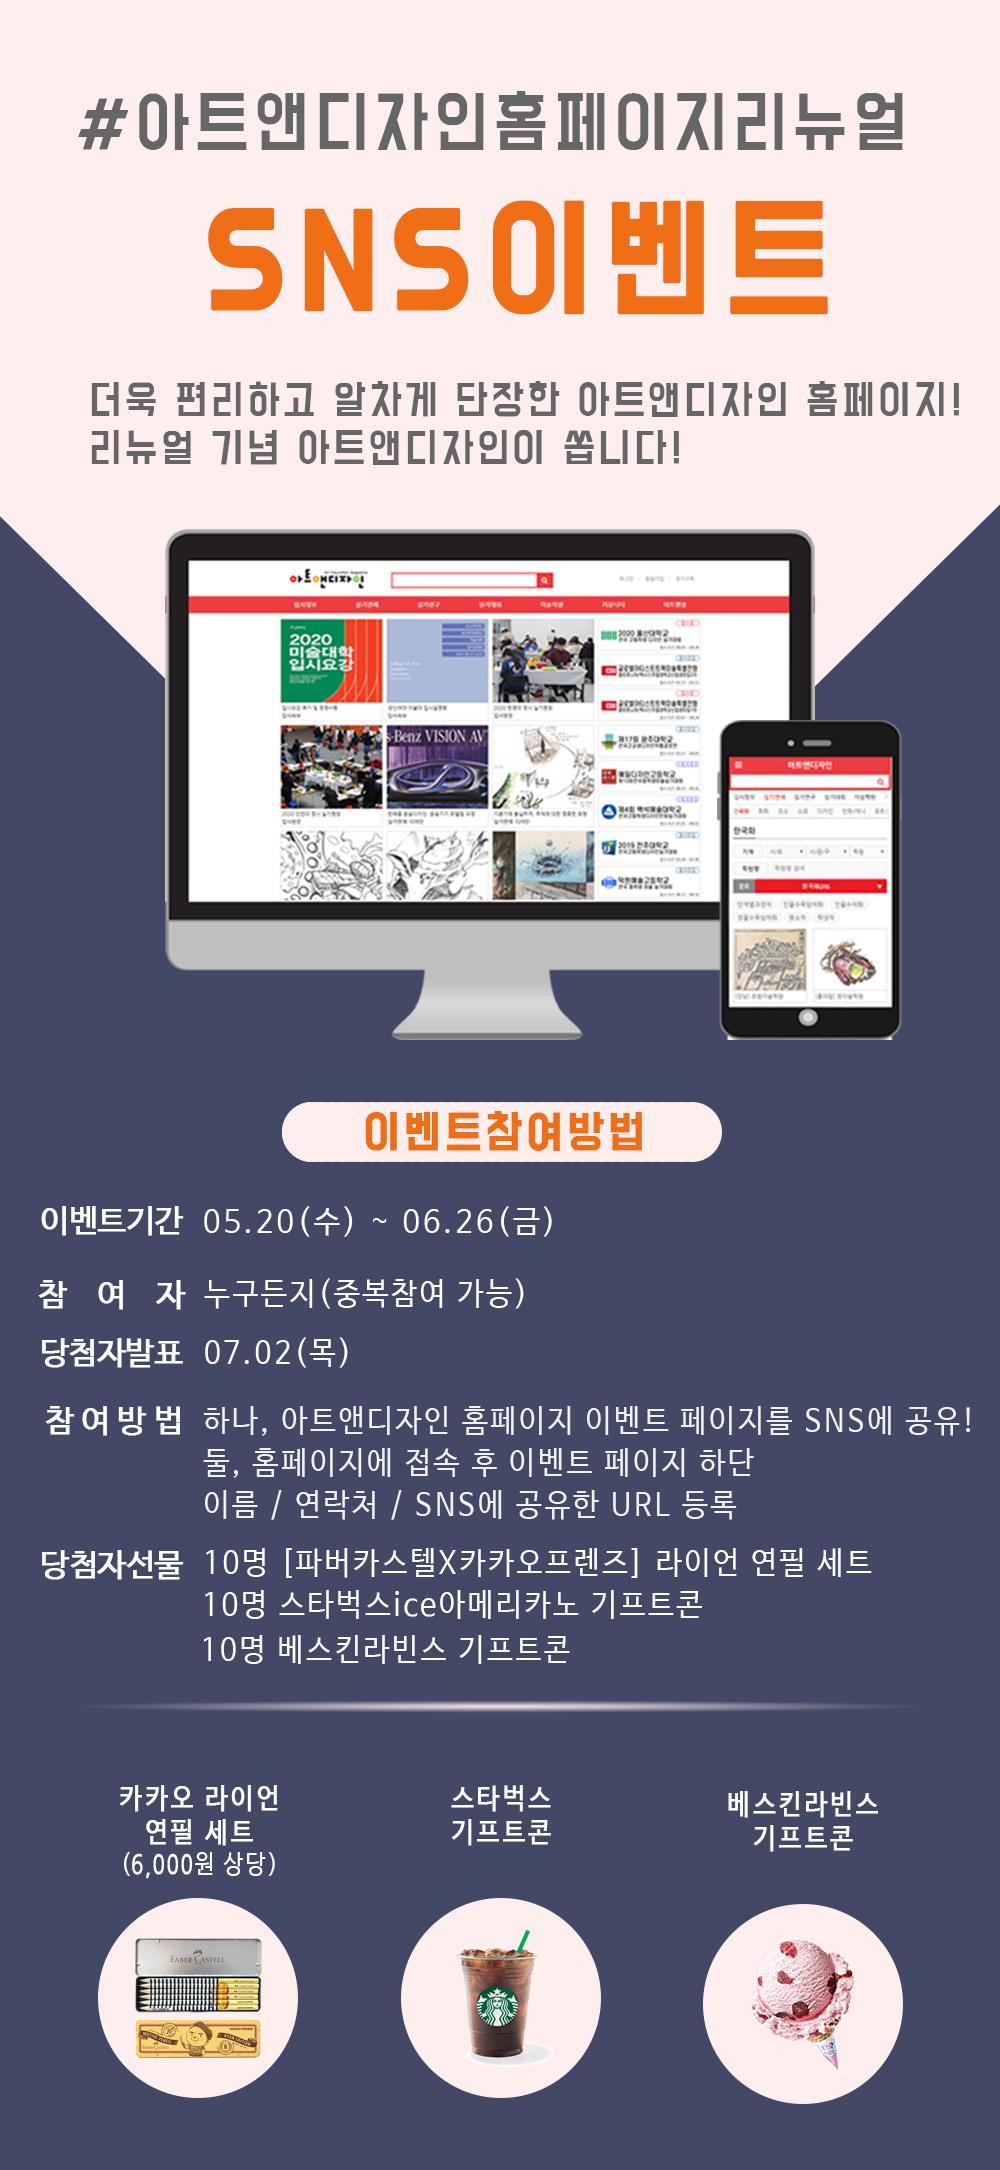 아트앤디자인 SNS 공유 이벤트